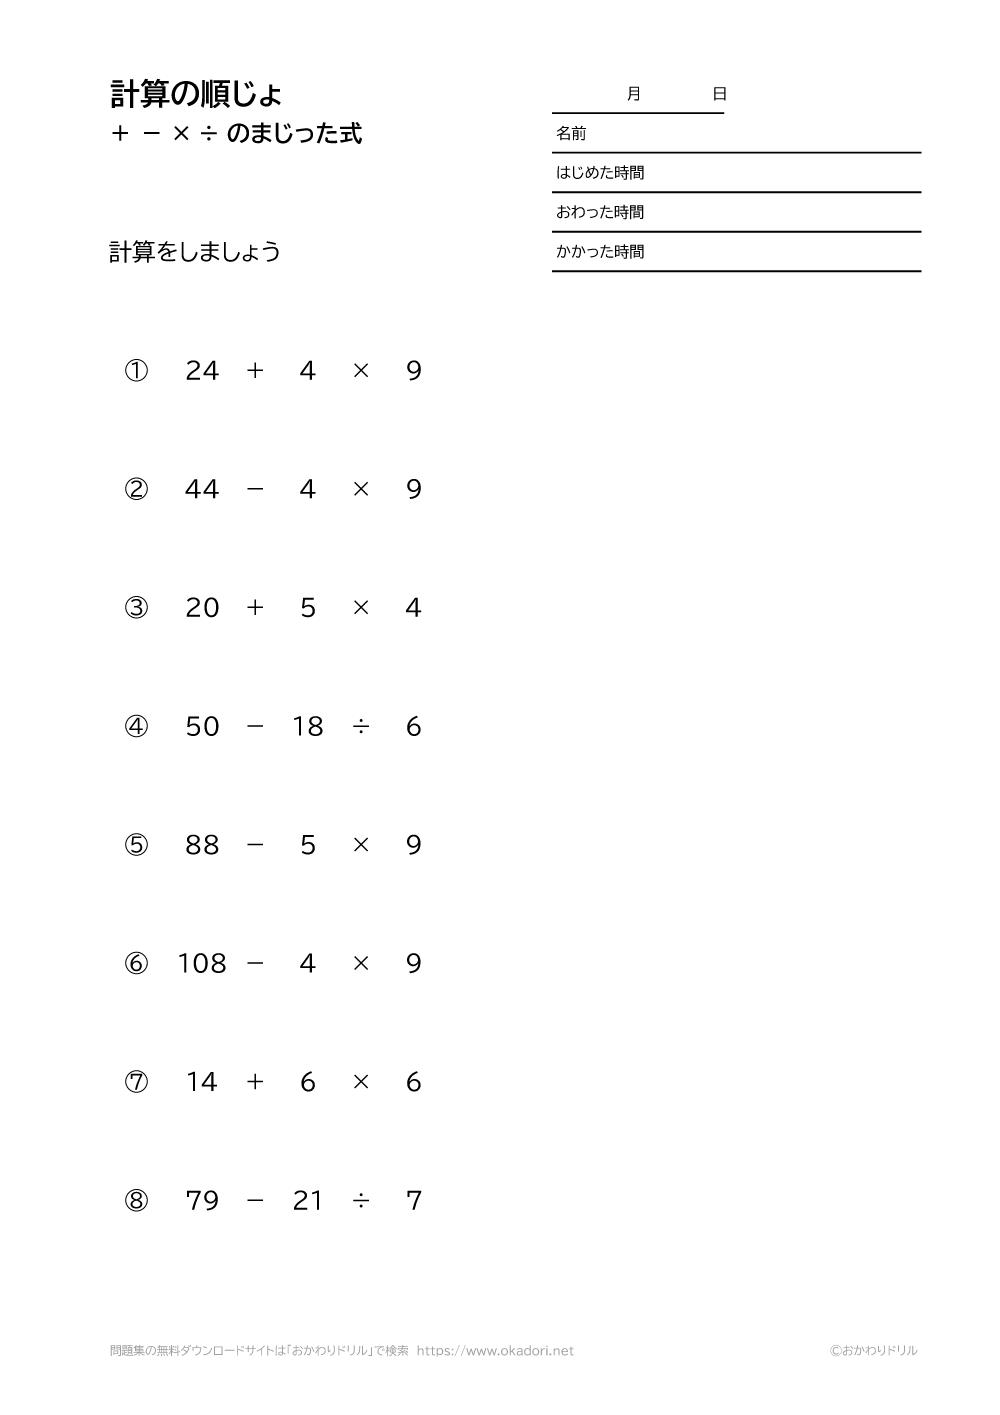 計算の順序+-×÷のまじった式-1-4